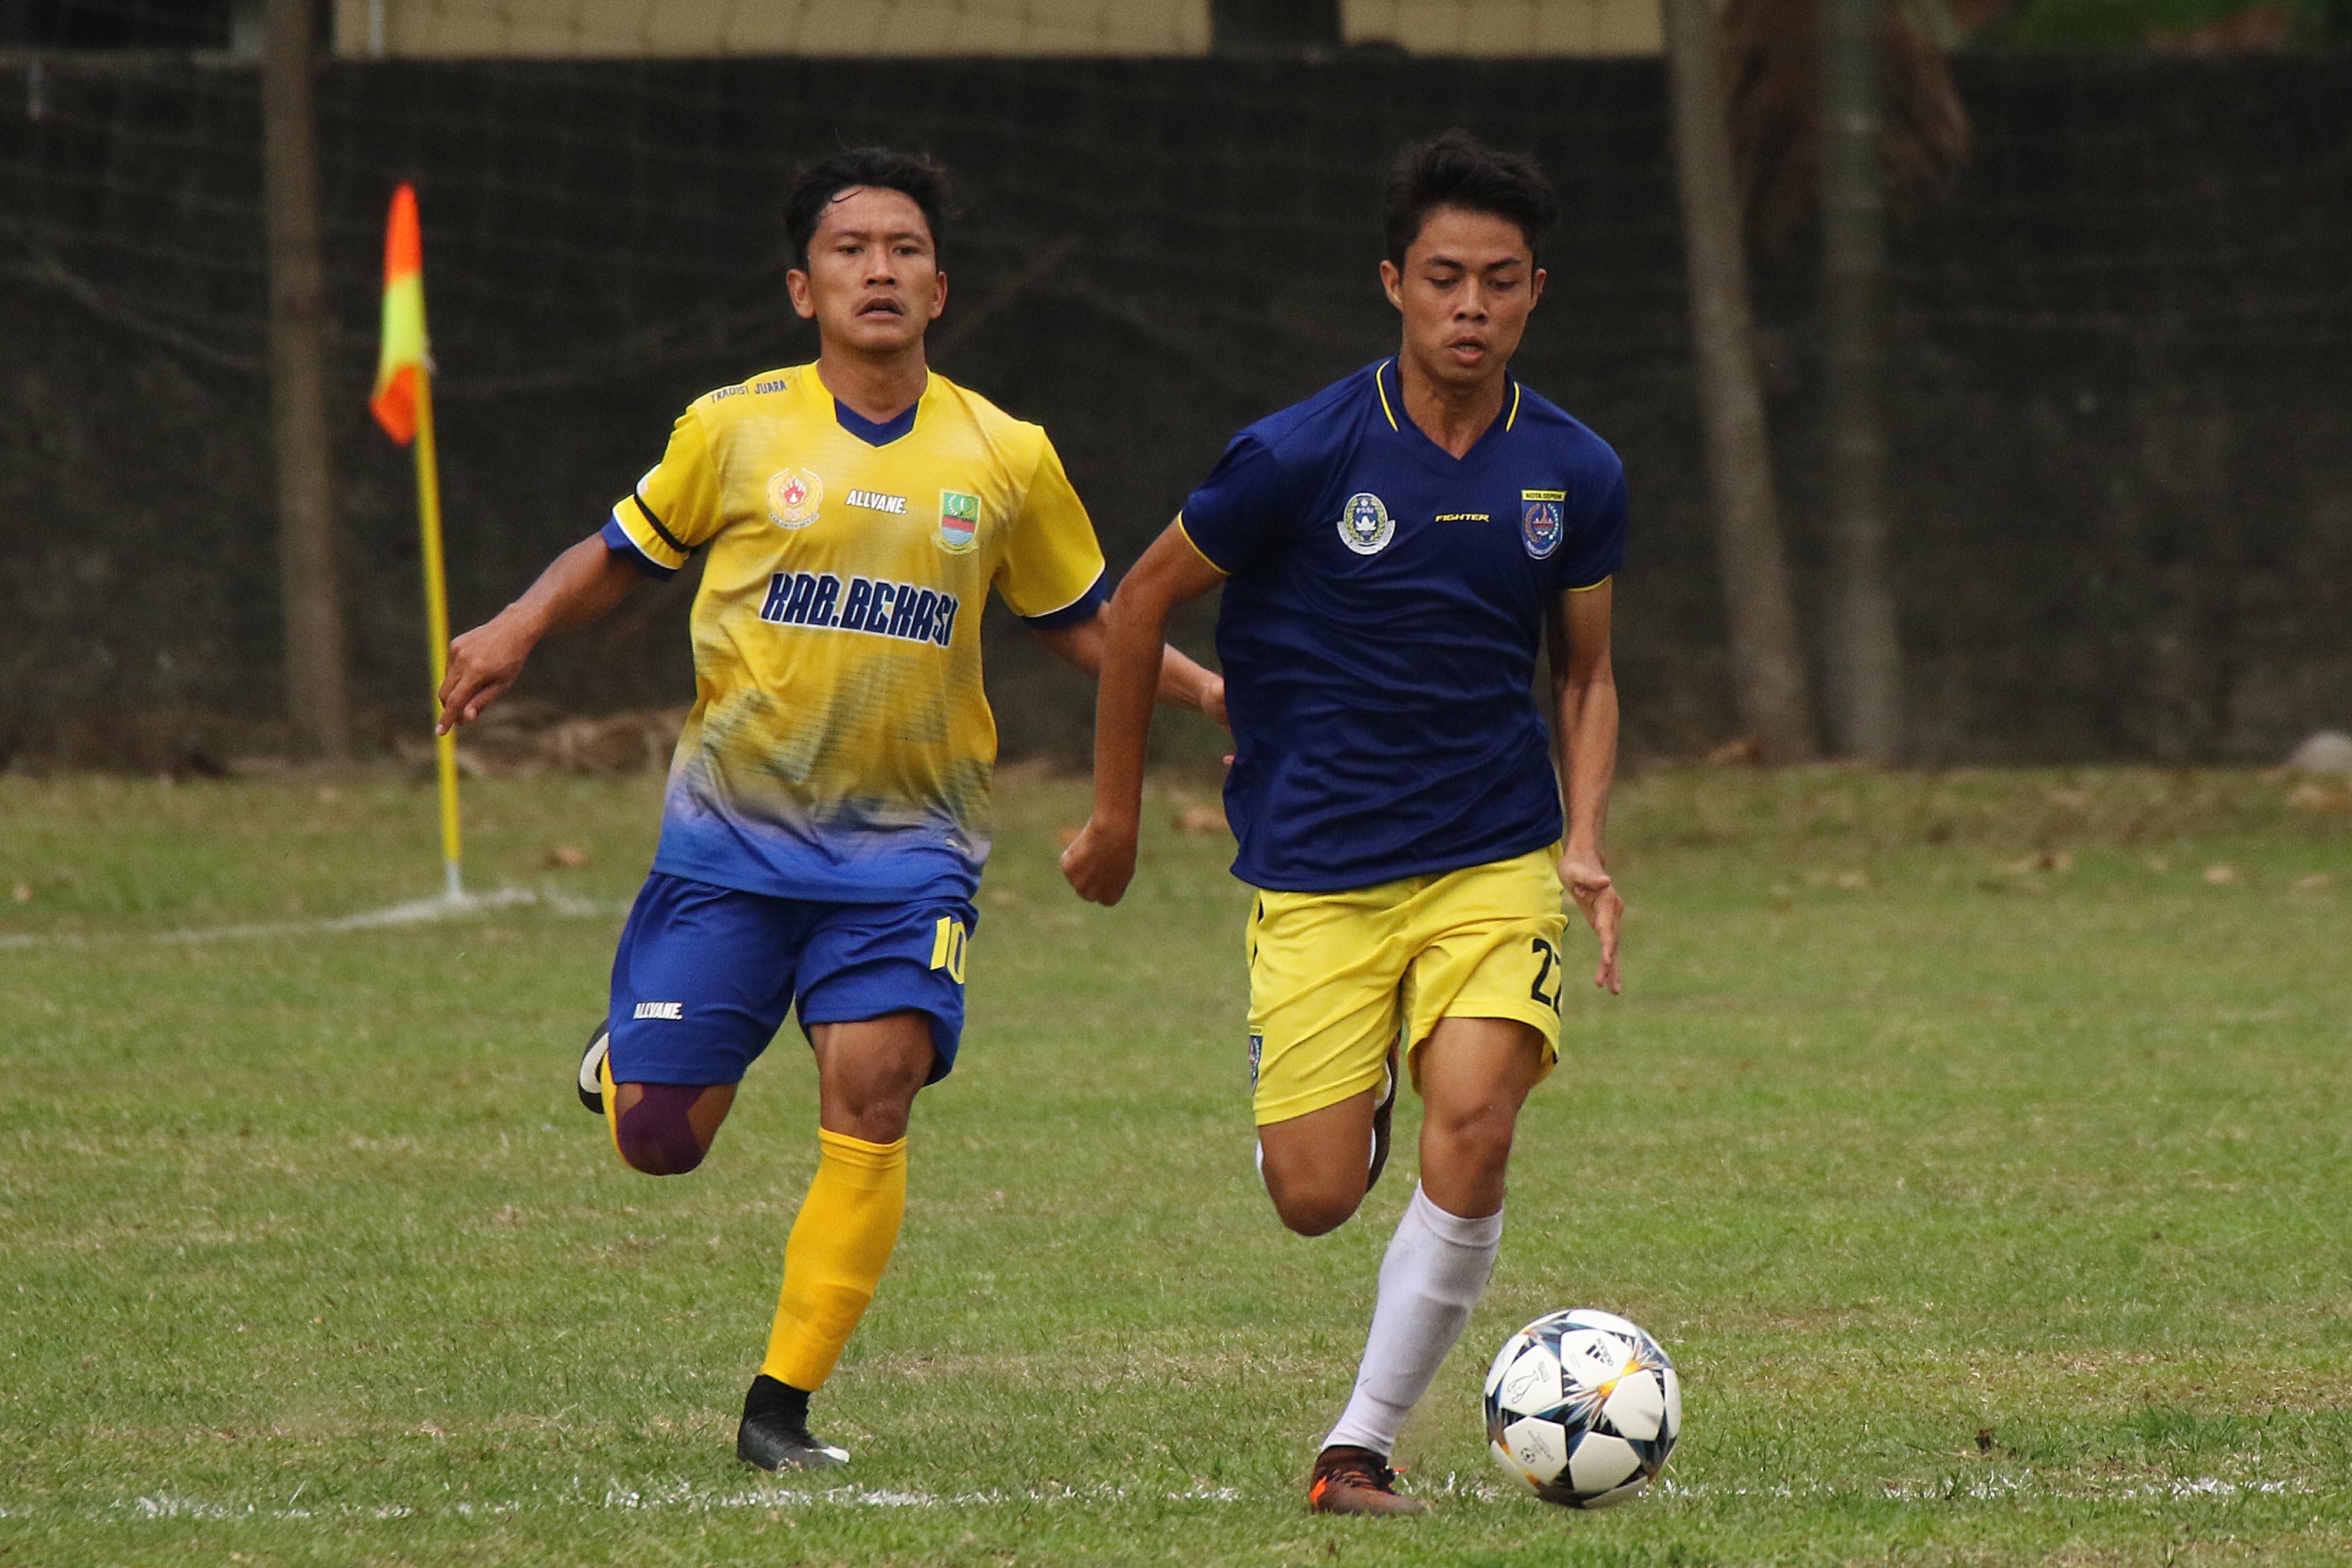 Pesepak bola Kota Depok, Novriadi (kanan) sedang beraksi dalam laga Kota Depok vs. Kab. Bekasi PORDA Jabar XIII-2018 di Lapangan Sepak Bola Brimob Kedung Halang, Bogor, Senin (1/10) sore. Kota Depok berhasil menang 3-2 melawan Kab. Bekasi. KONI KOTA DEPOK/Faruqi/2018